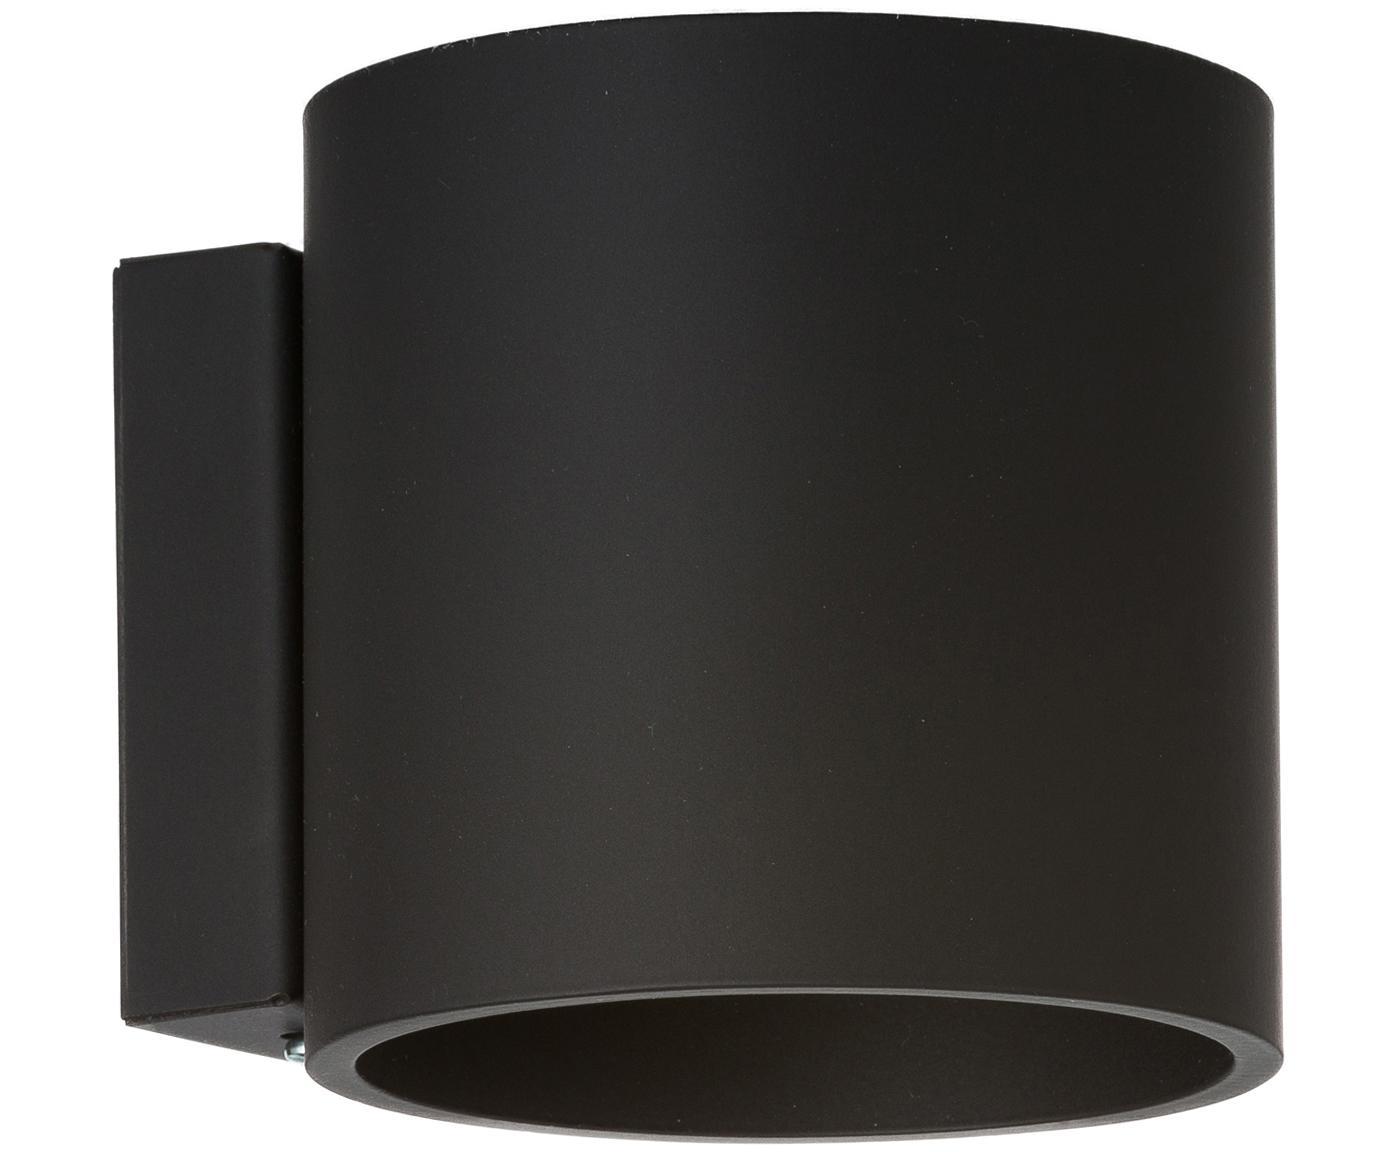 Wandleuchte Roda in Schwarz, Aluminium, pulverbeschichtet, Schwarz, 10 x 10 cm